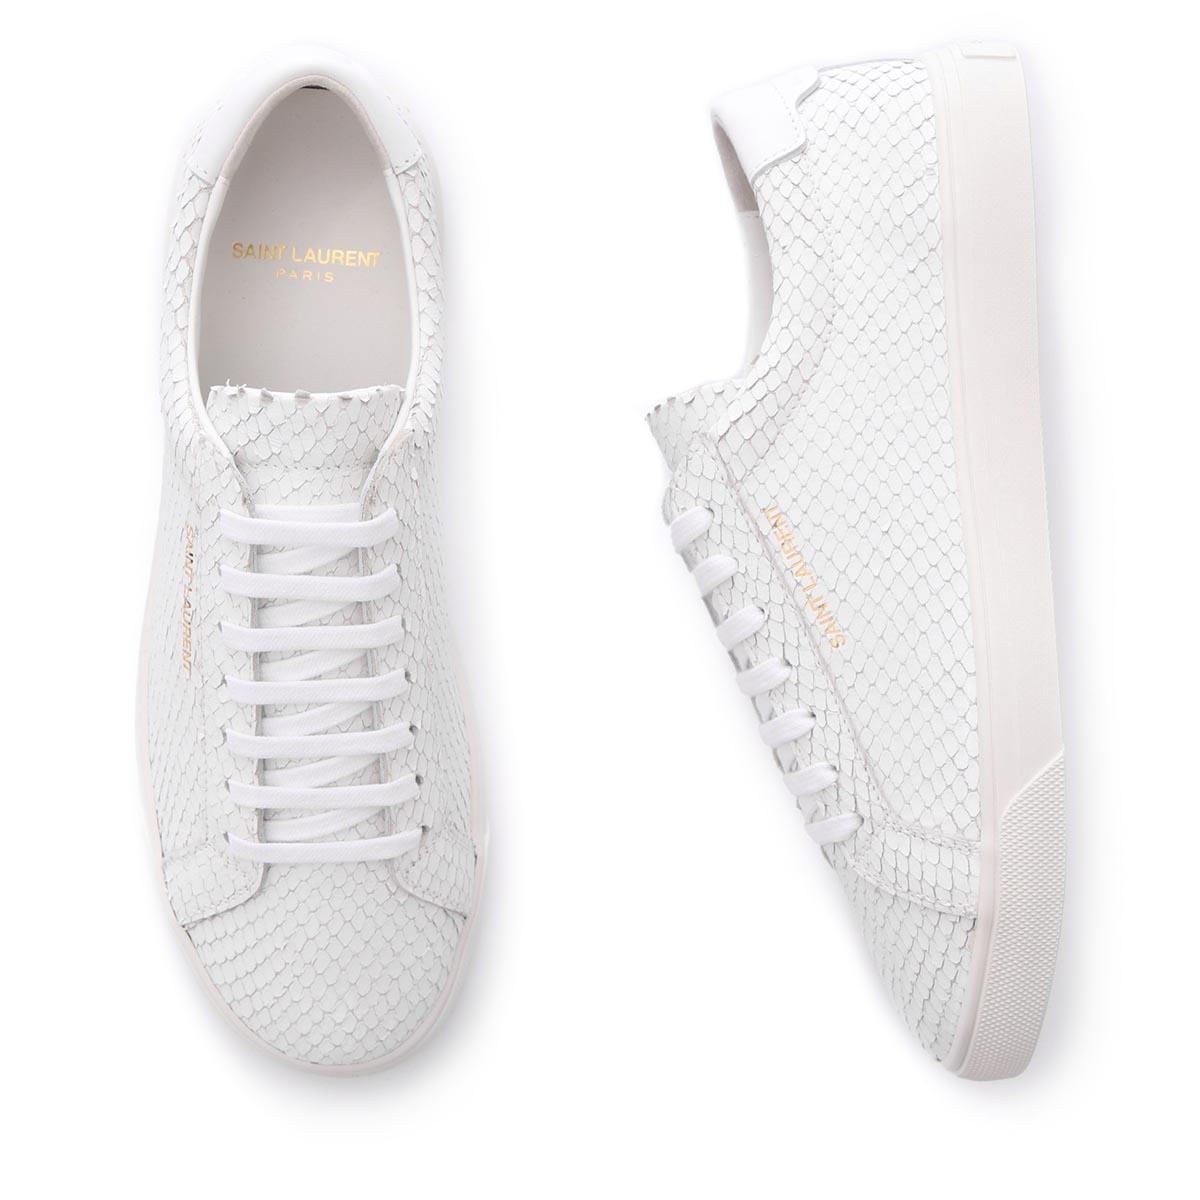 レディース靴, スニーカー  SAINT LAURENT 641952 16e10 9030 ANDY